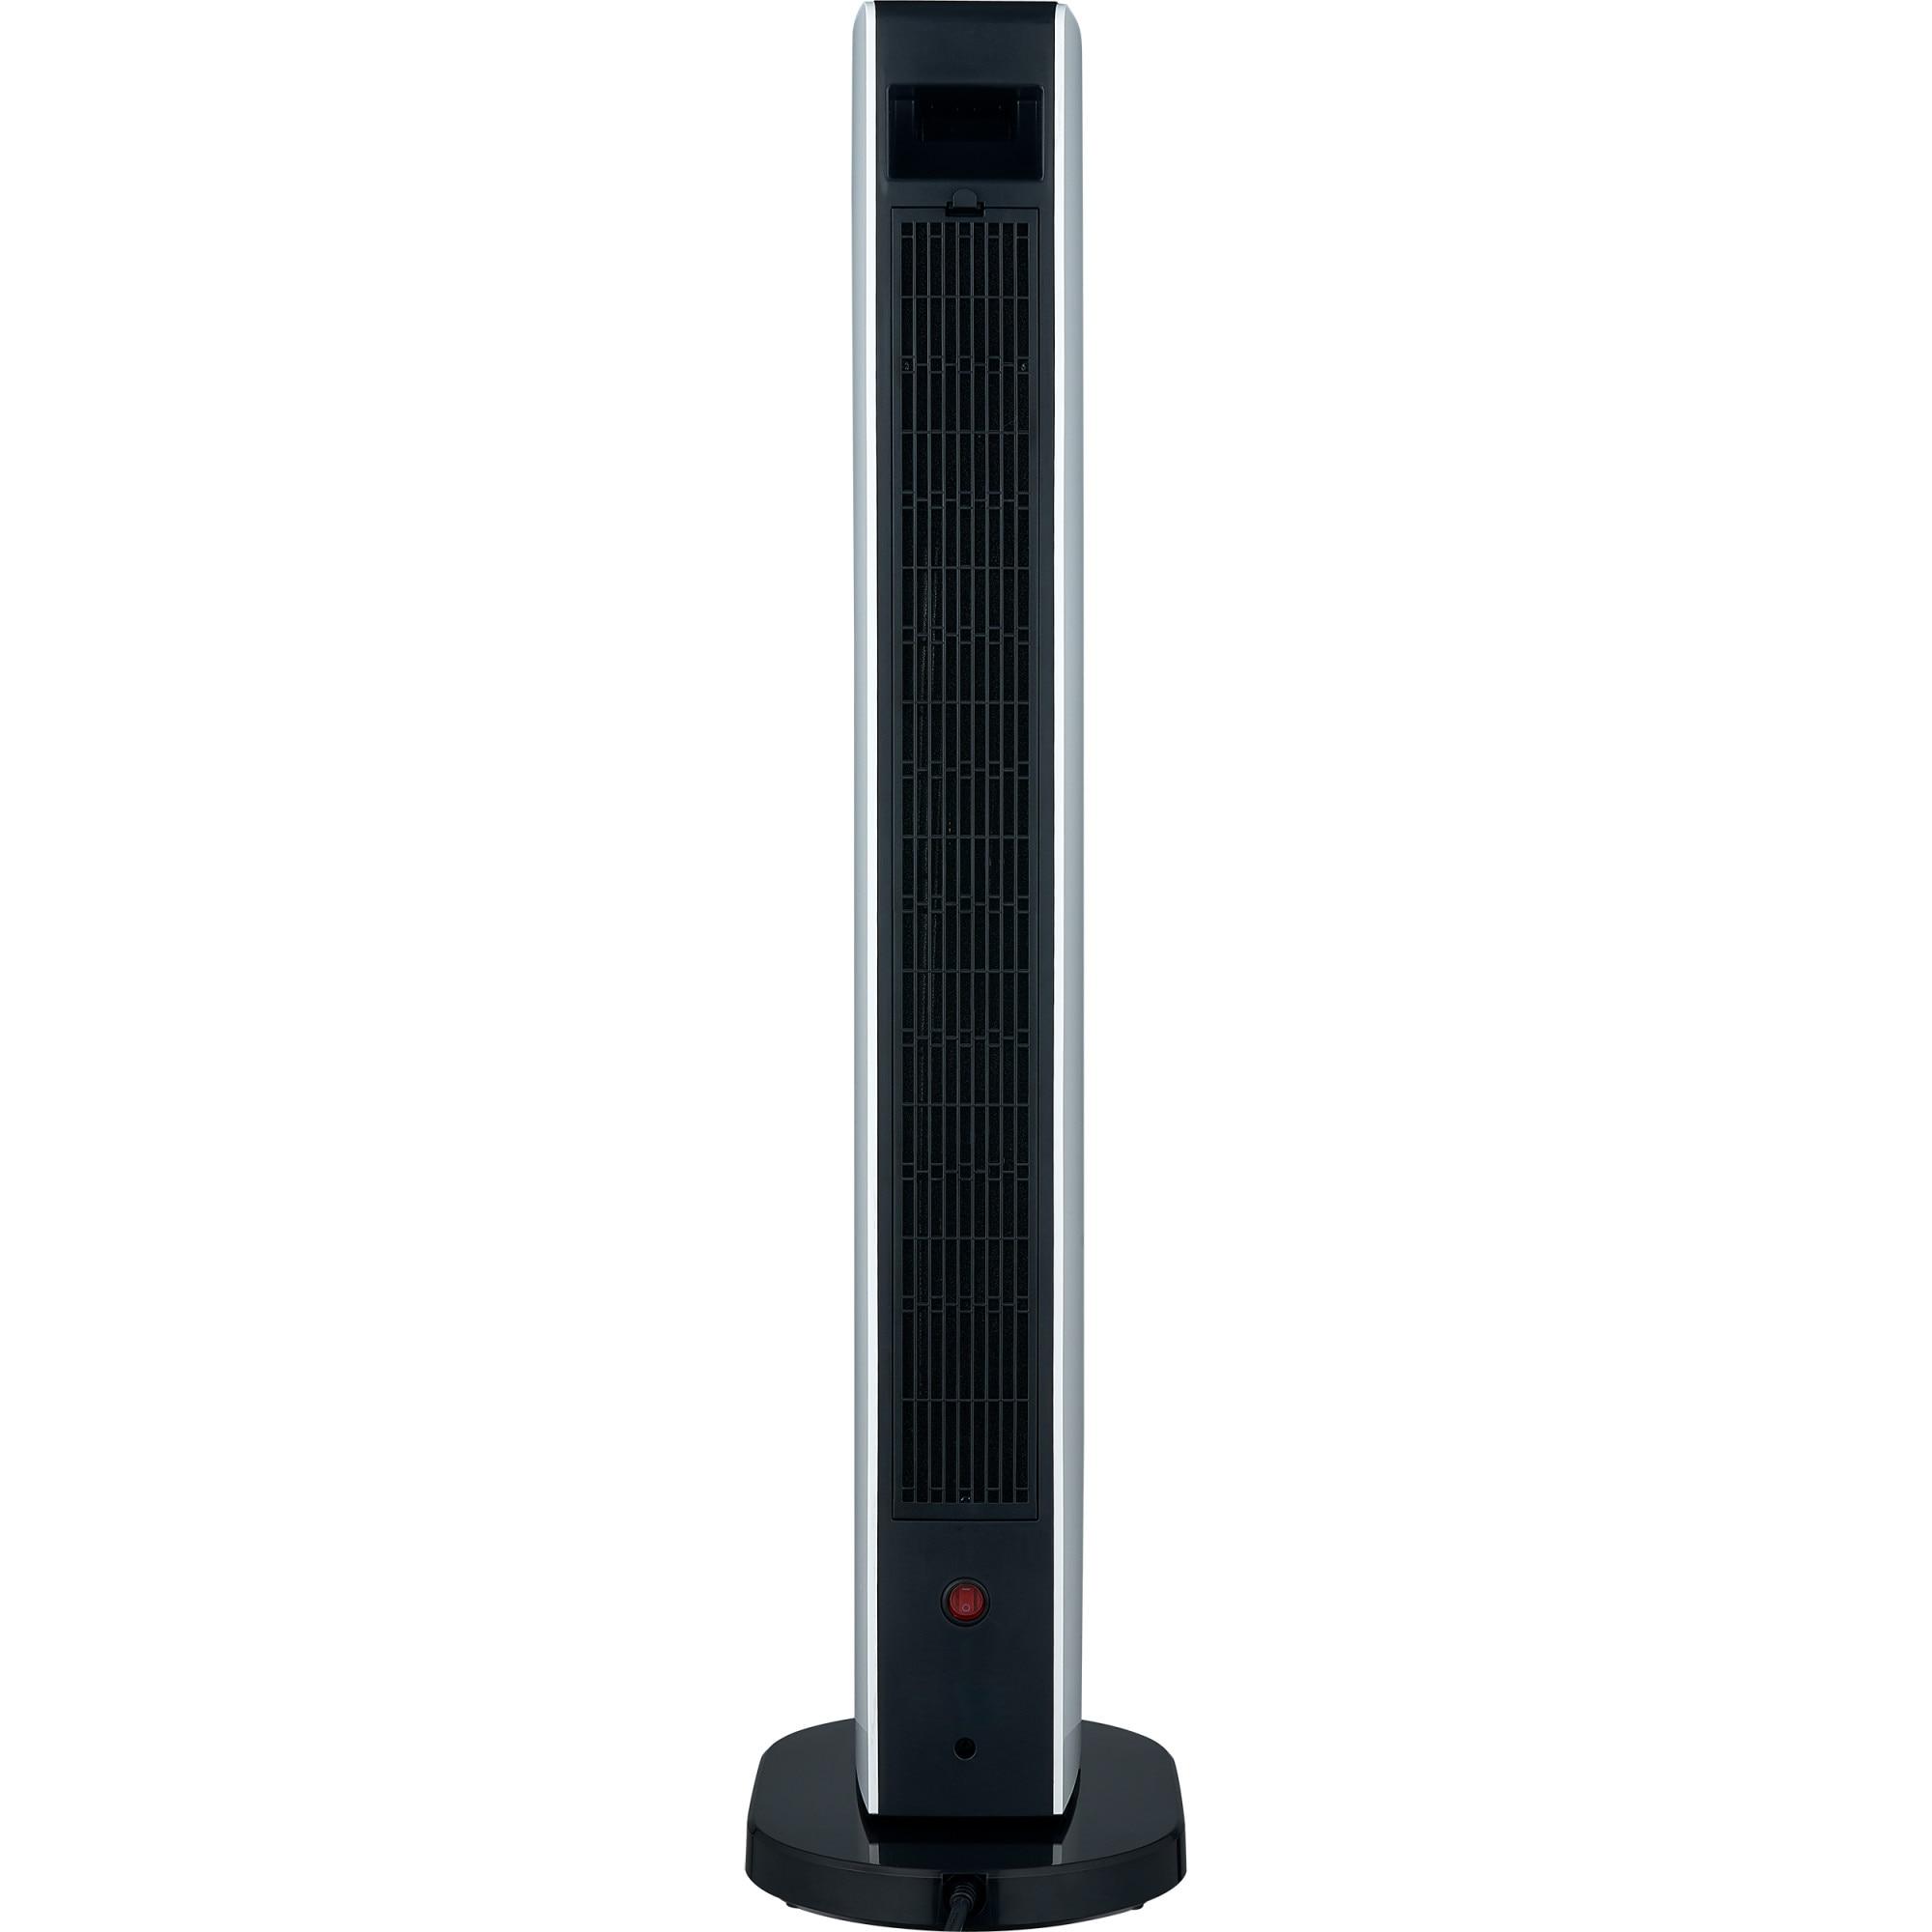 Fotografie Aeroterma ceramica turn Concept VT8100, 2200 W, Telecomanda, 3 trepte, Display led, Filtru de praf, Mod Eco, Negru